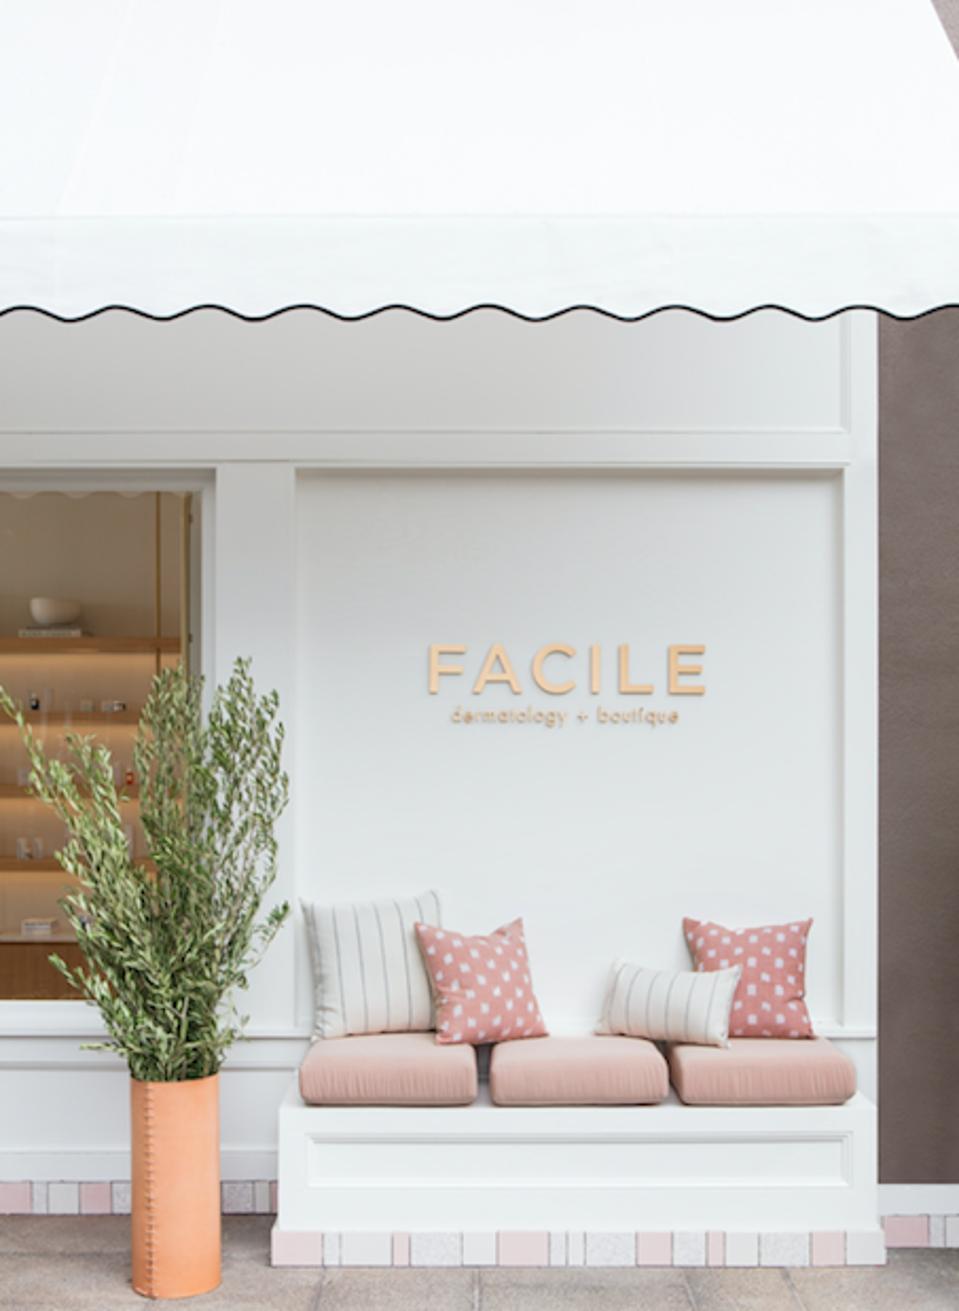 FACILE dermatology + boutique.